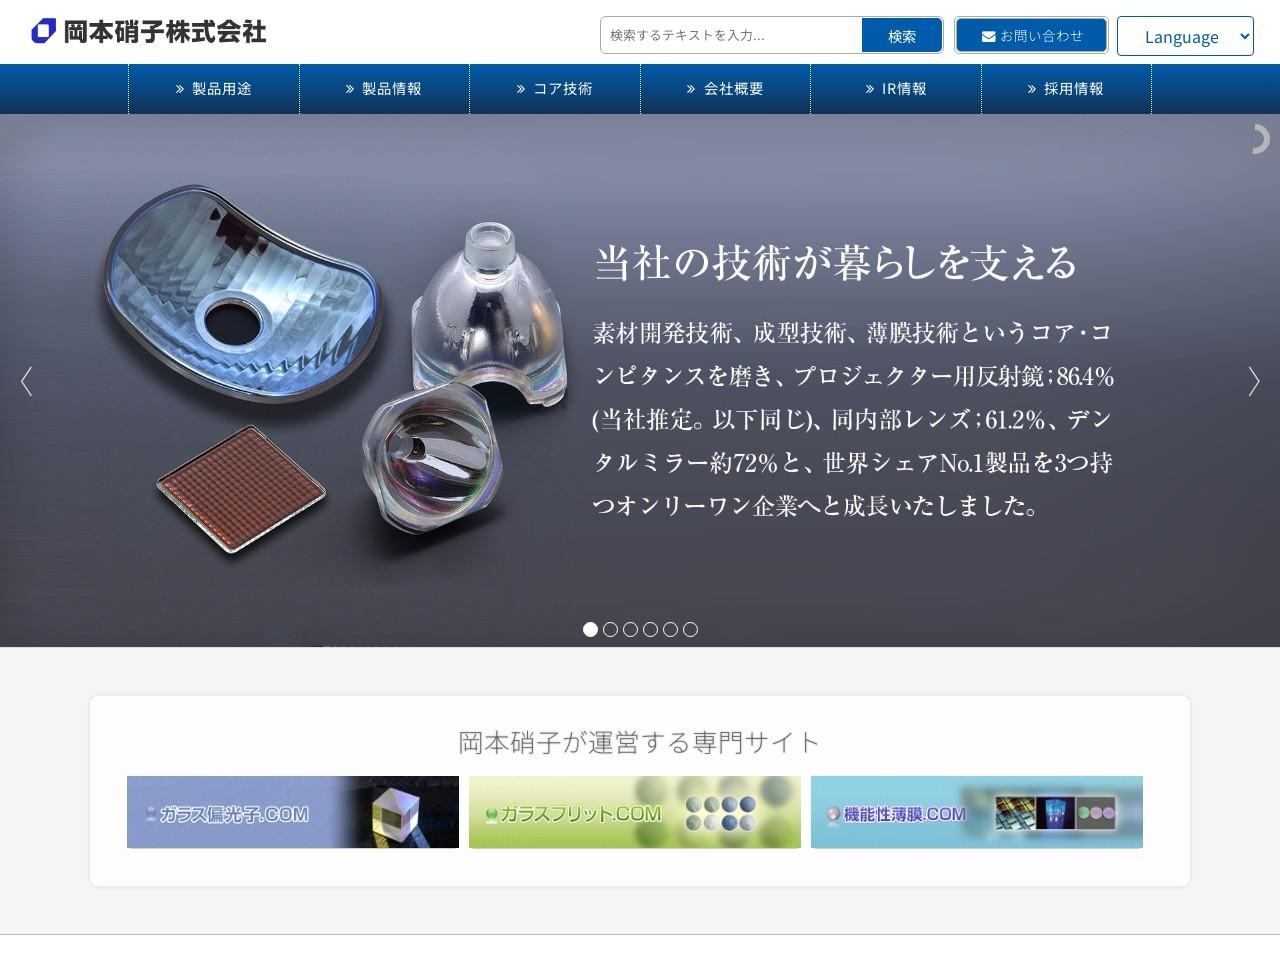 岡本硝子 株式会社